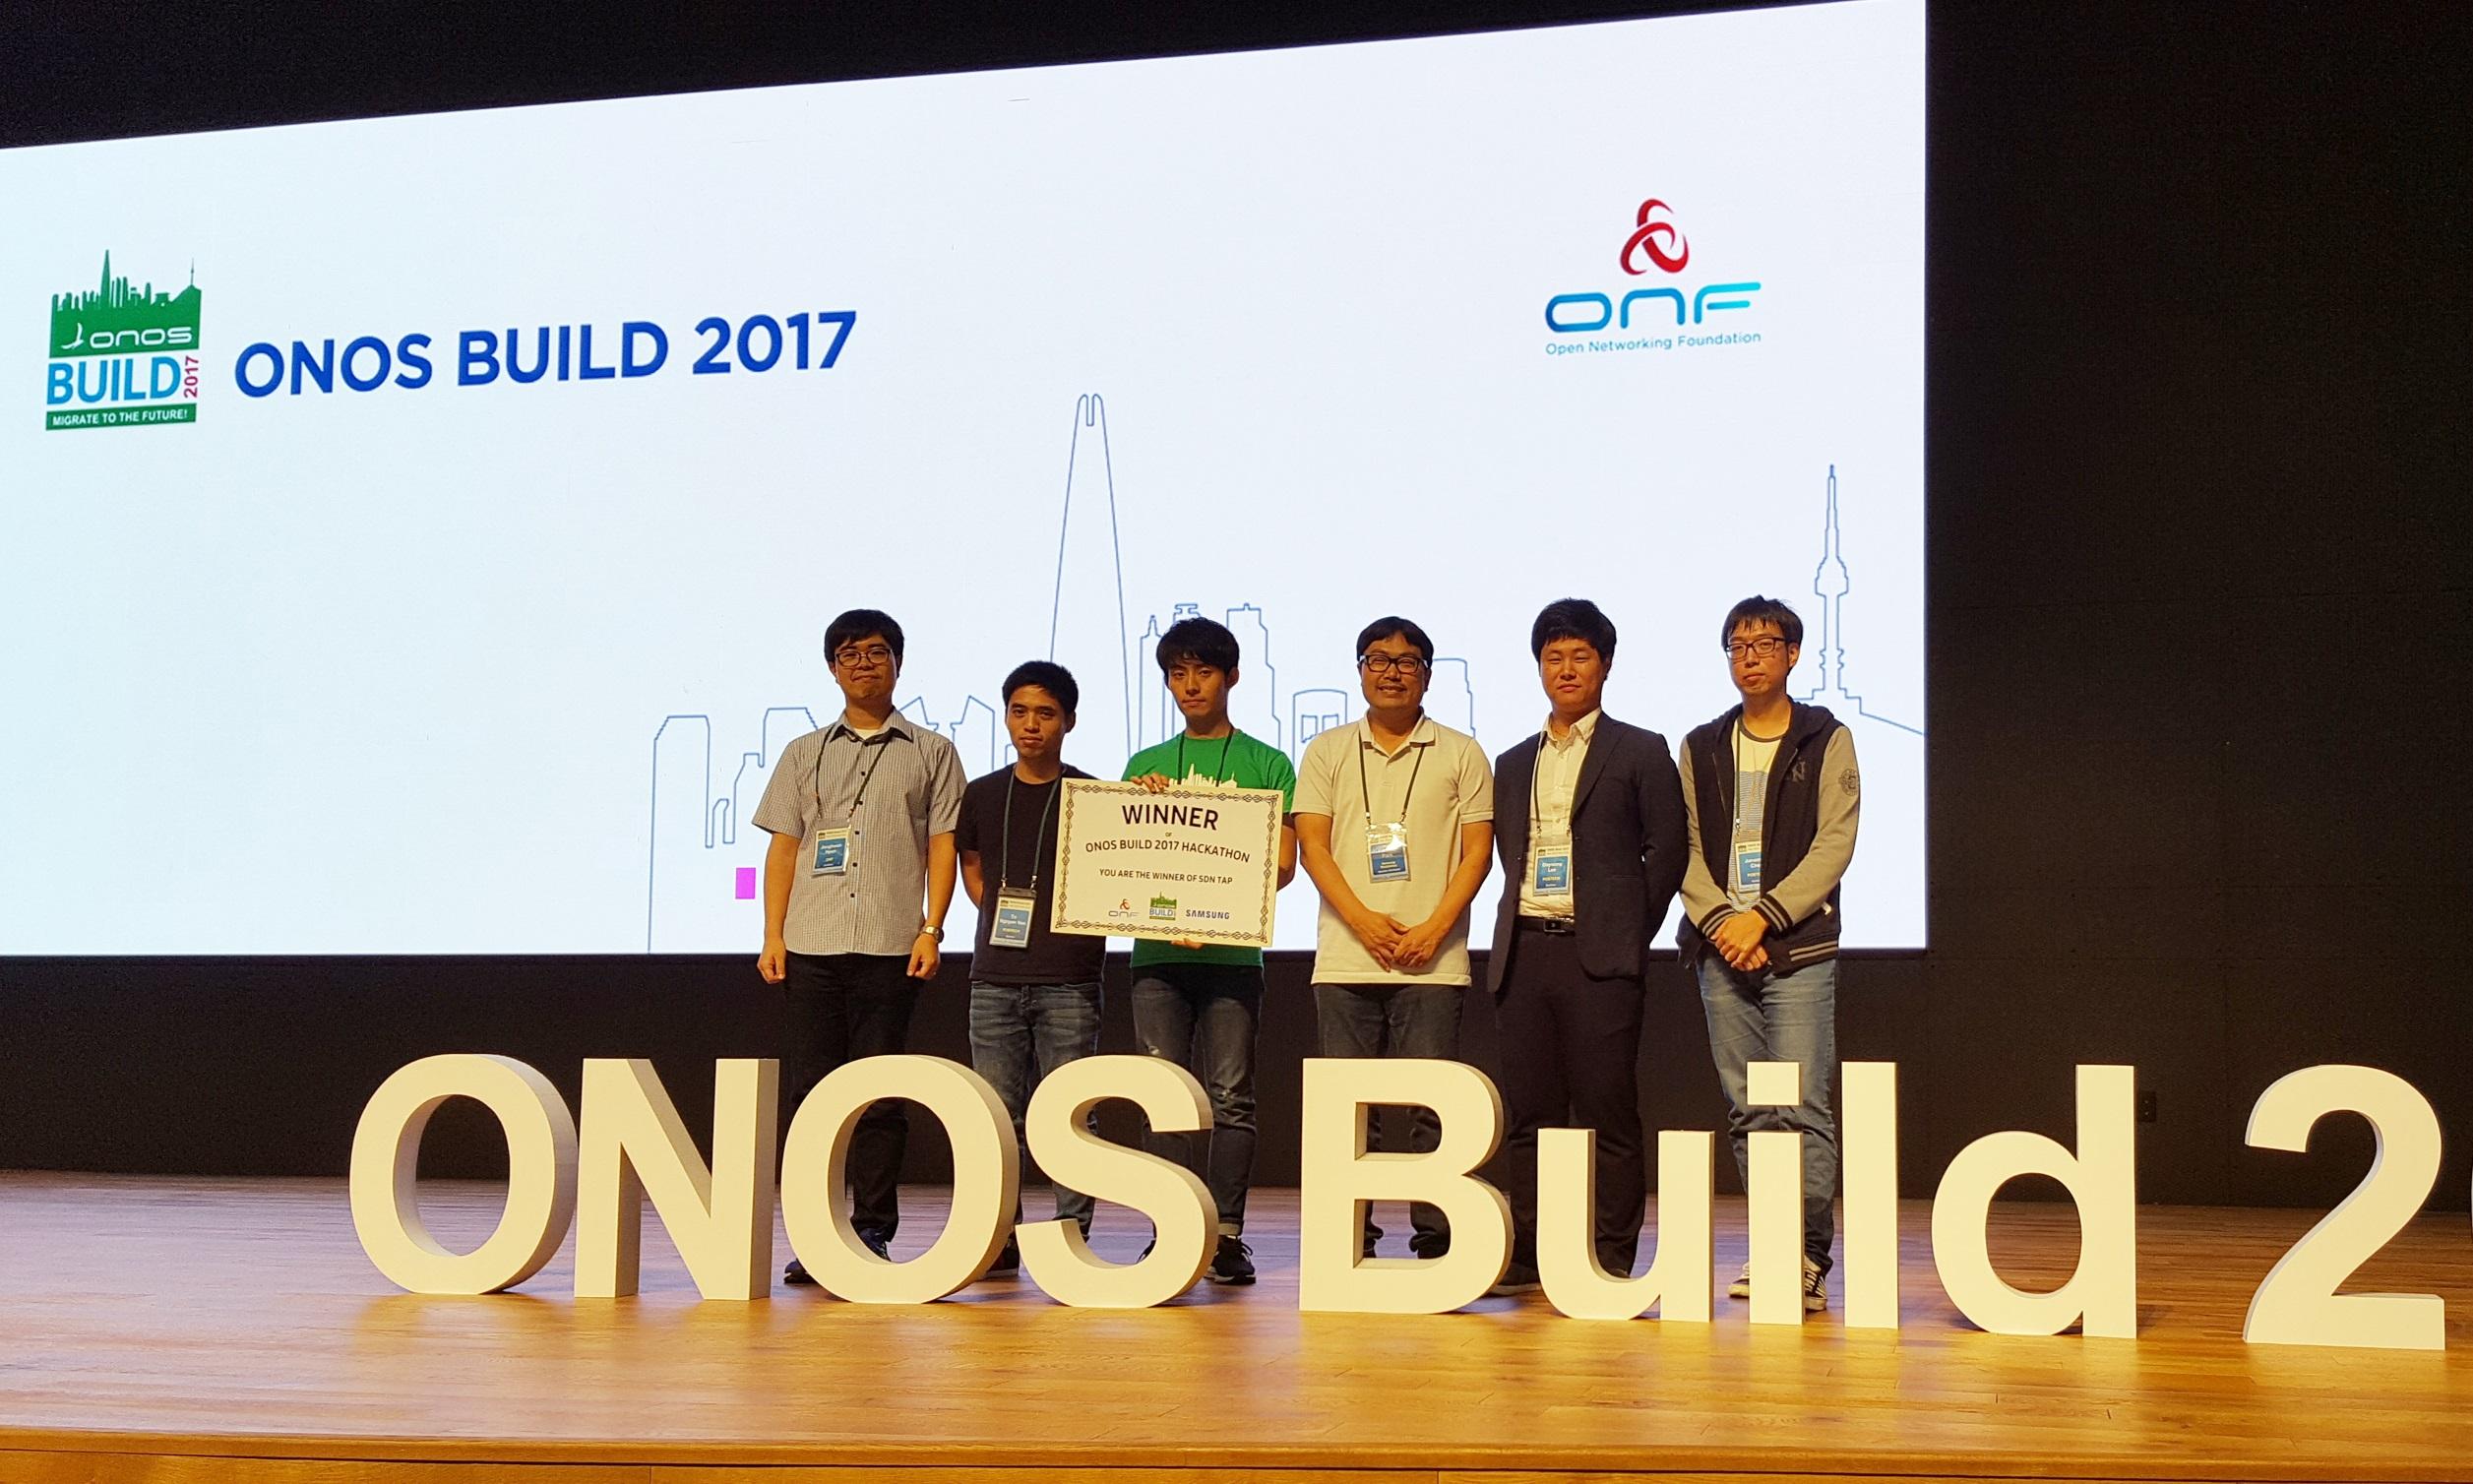 ONOS Build 2017 해커톤 대회에서 우승한 컴퓨터공학과 홍원기 교수가 지도하는 DPNM 수상 기념 사진 이미지